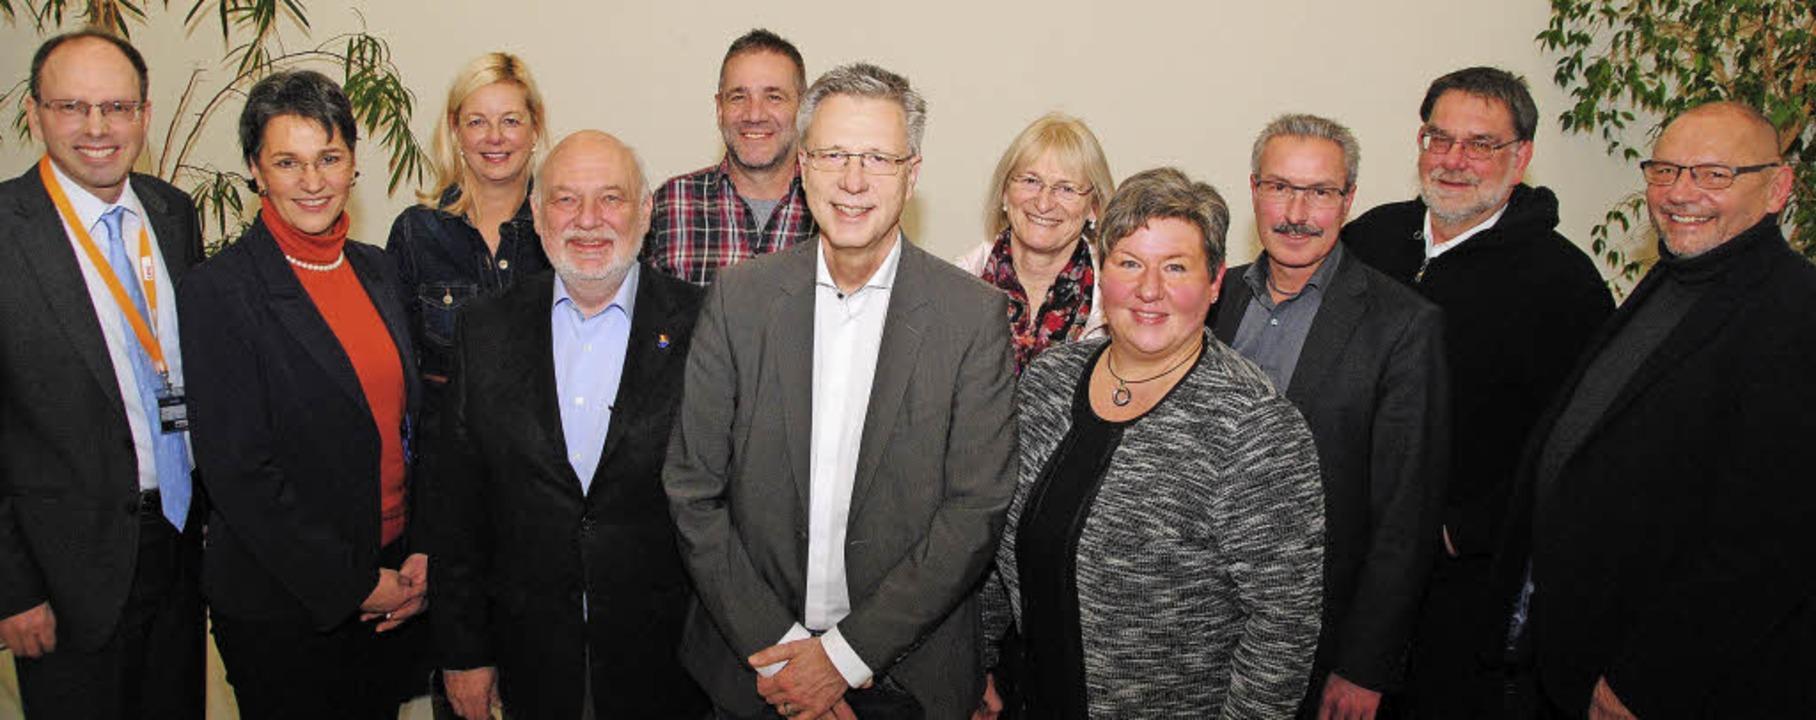 Der neu gewählte Vorstand des CDU Stad...Dr. Stefan Grüter und Claus Weibezahl   | Foto: Sedlak